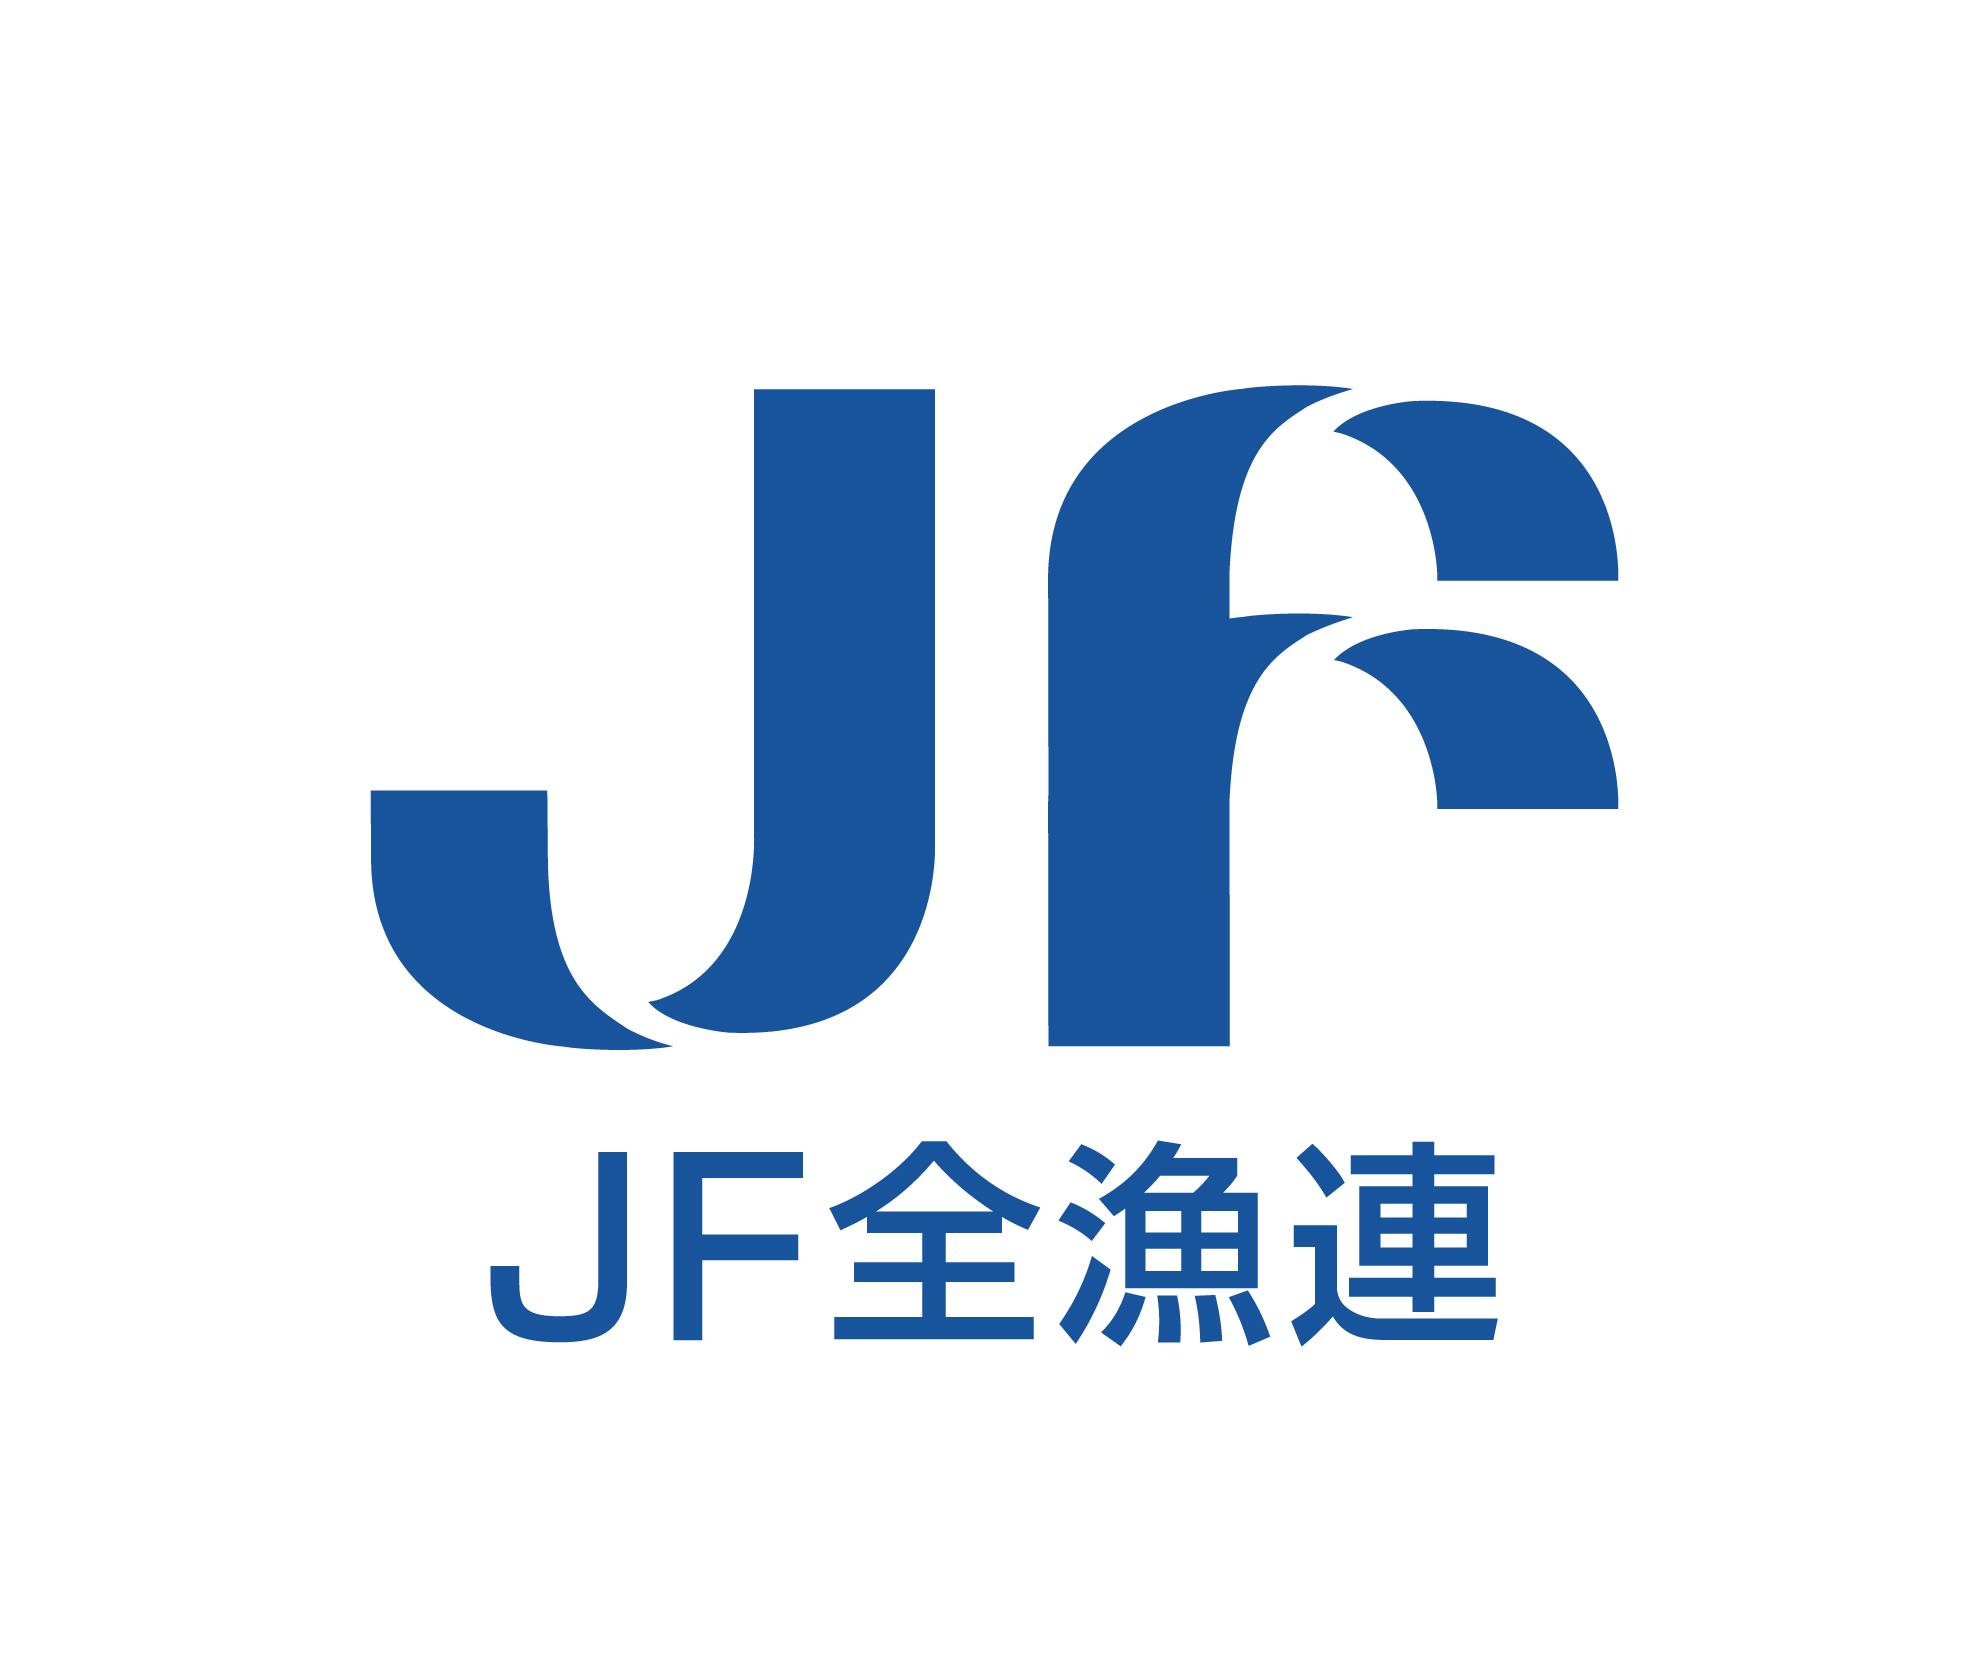 JF | Logo Mark